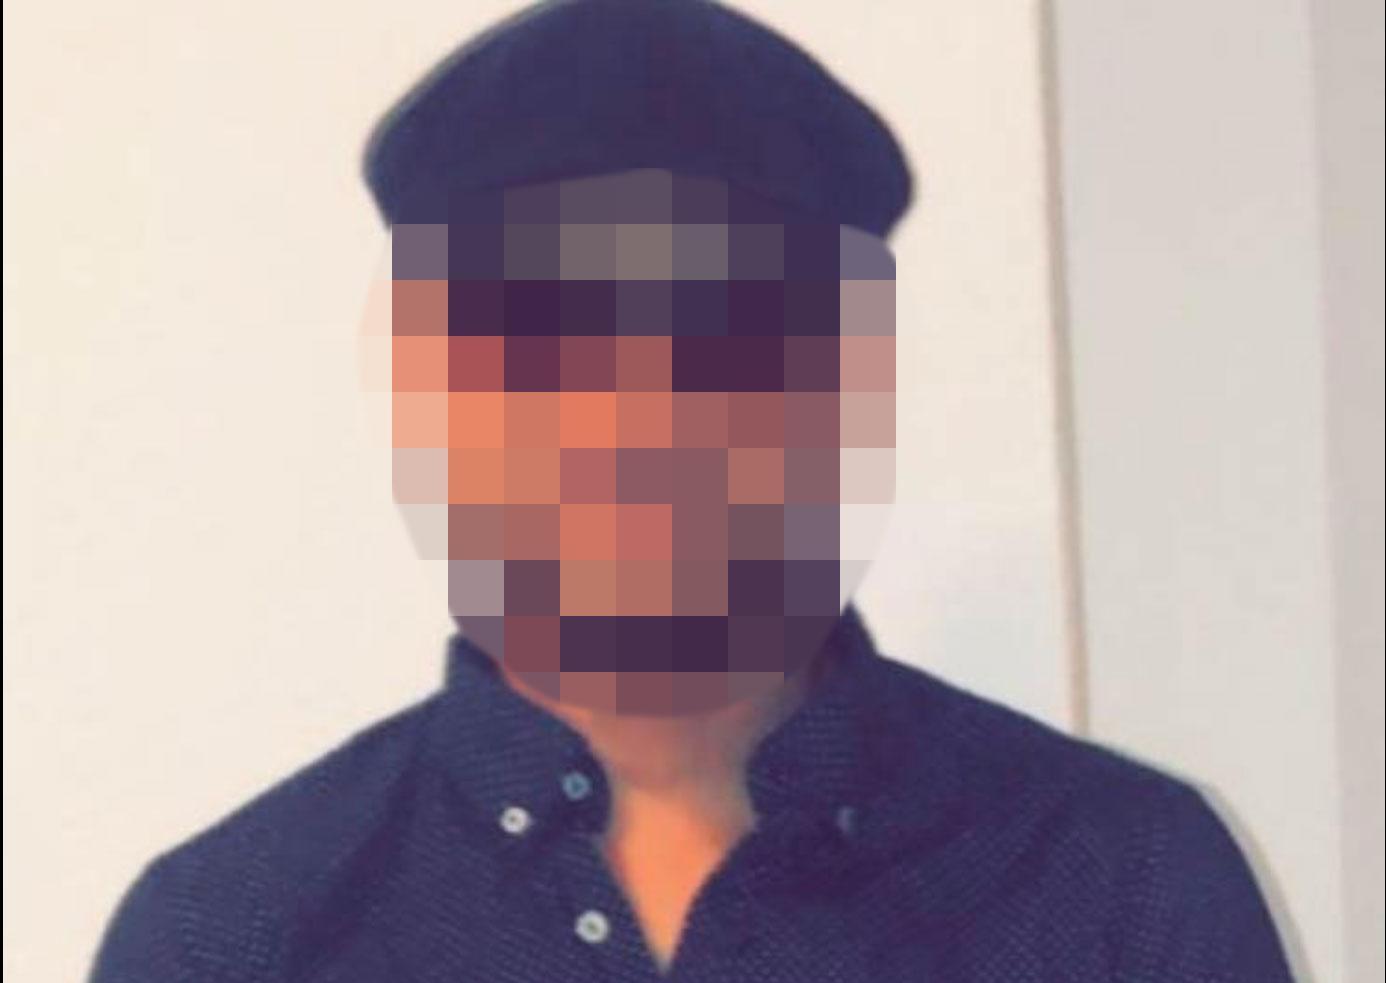 Den 32-årige svensken har gripits misstänkt för mord.